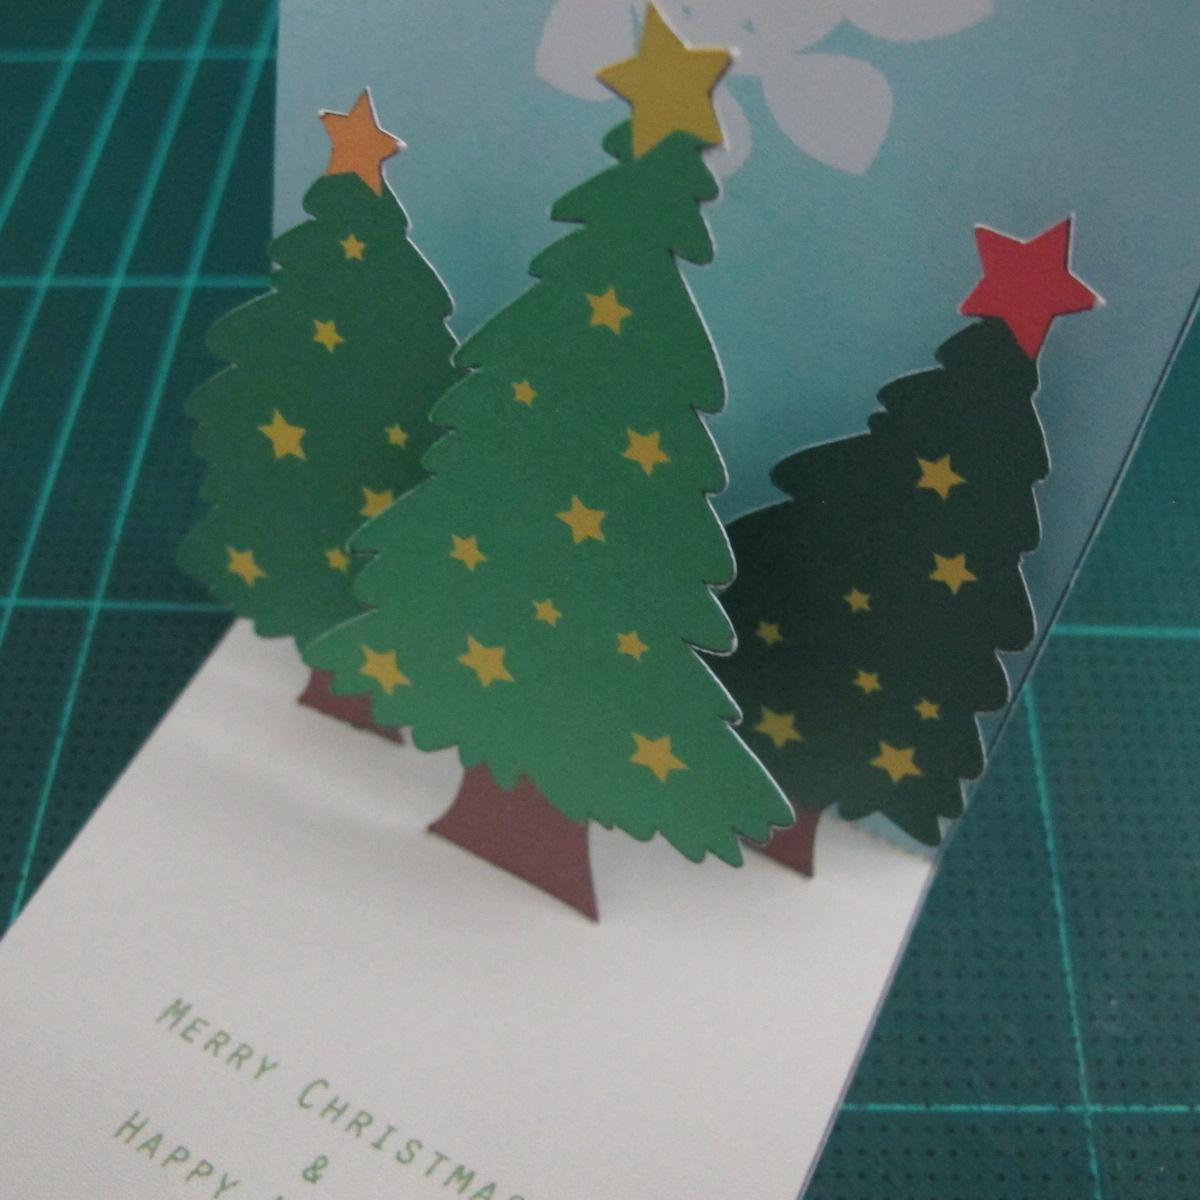 การทำการ์ดอวยพรลายต้นคริสต์มาสแบบป็อปอัป (Card Making Christmas Trees Pop-Up Card Template) 008